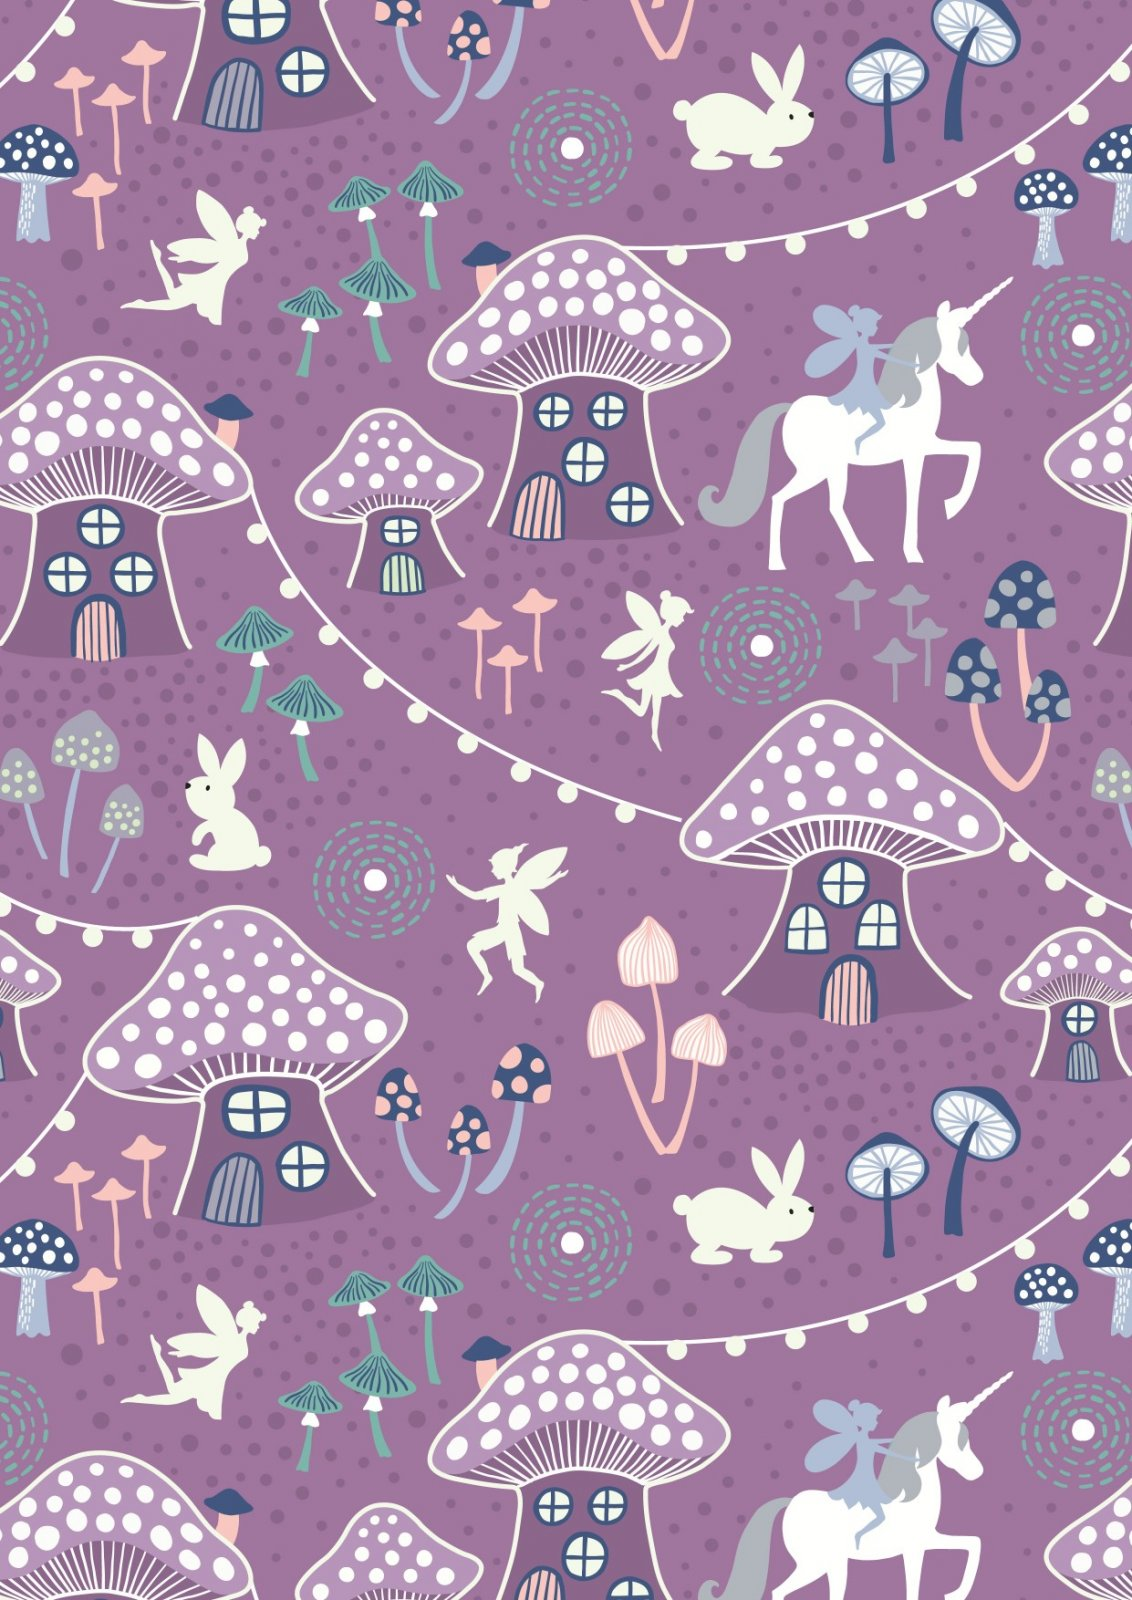 Fairy Nights - Mushroom Village - Blackberry